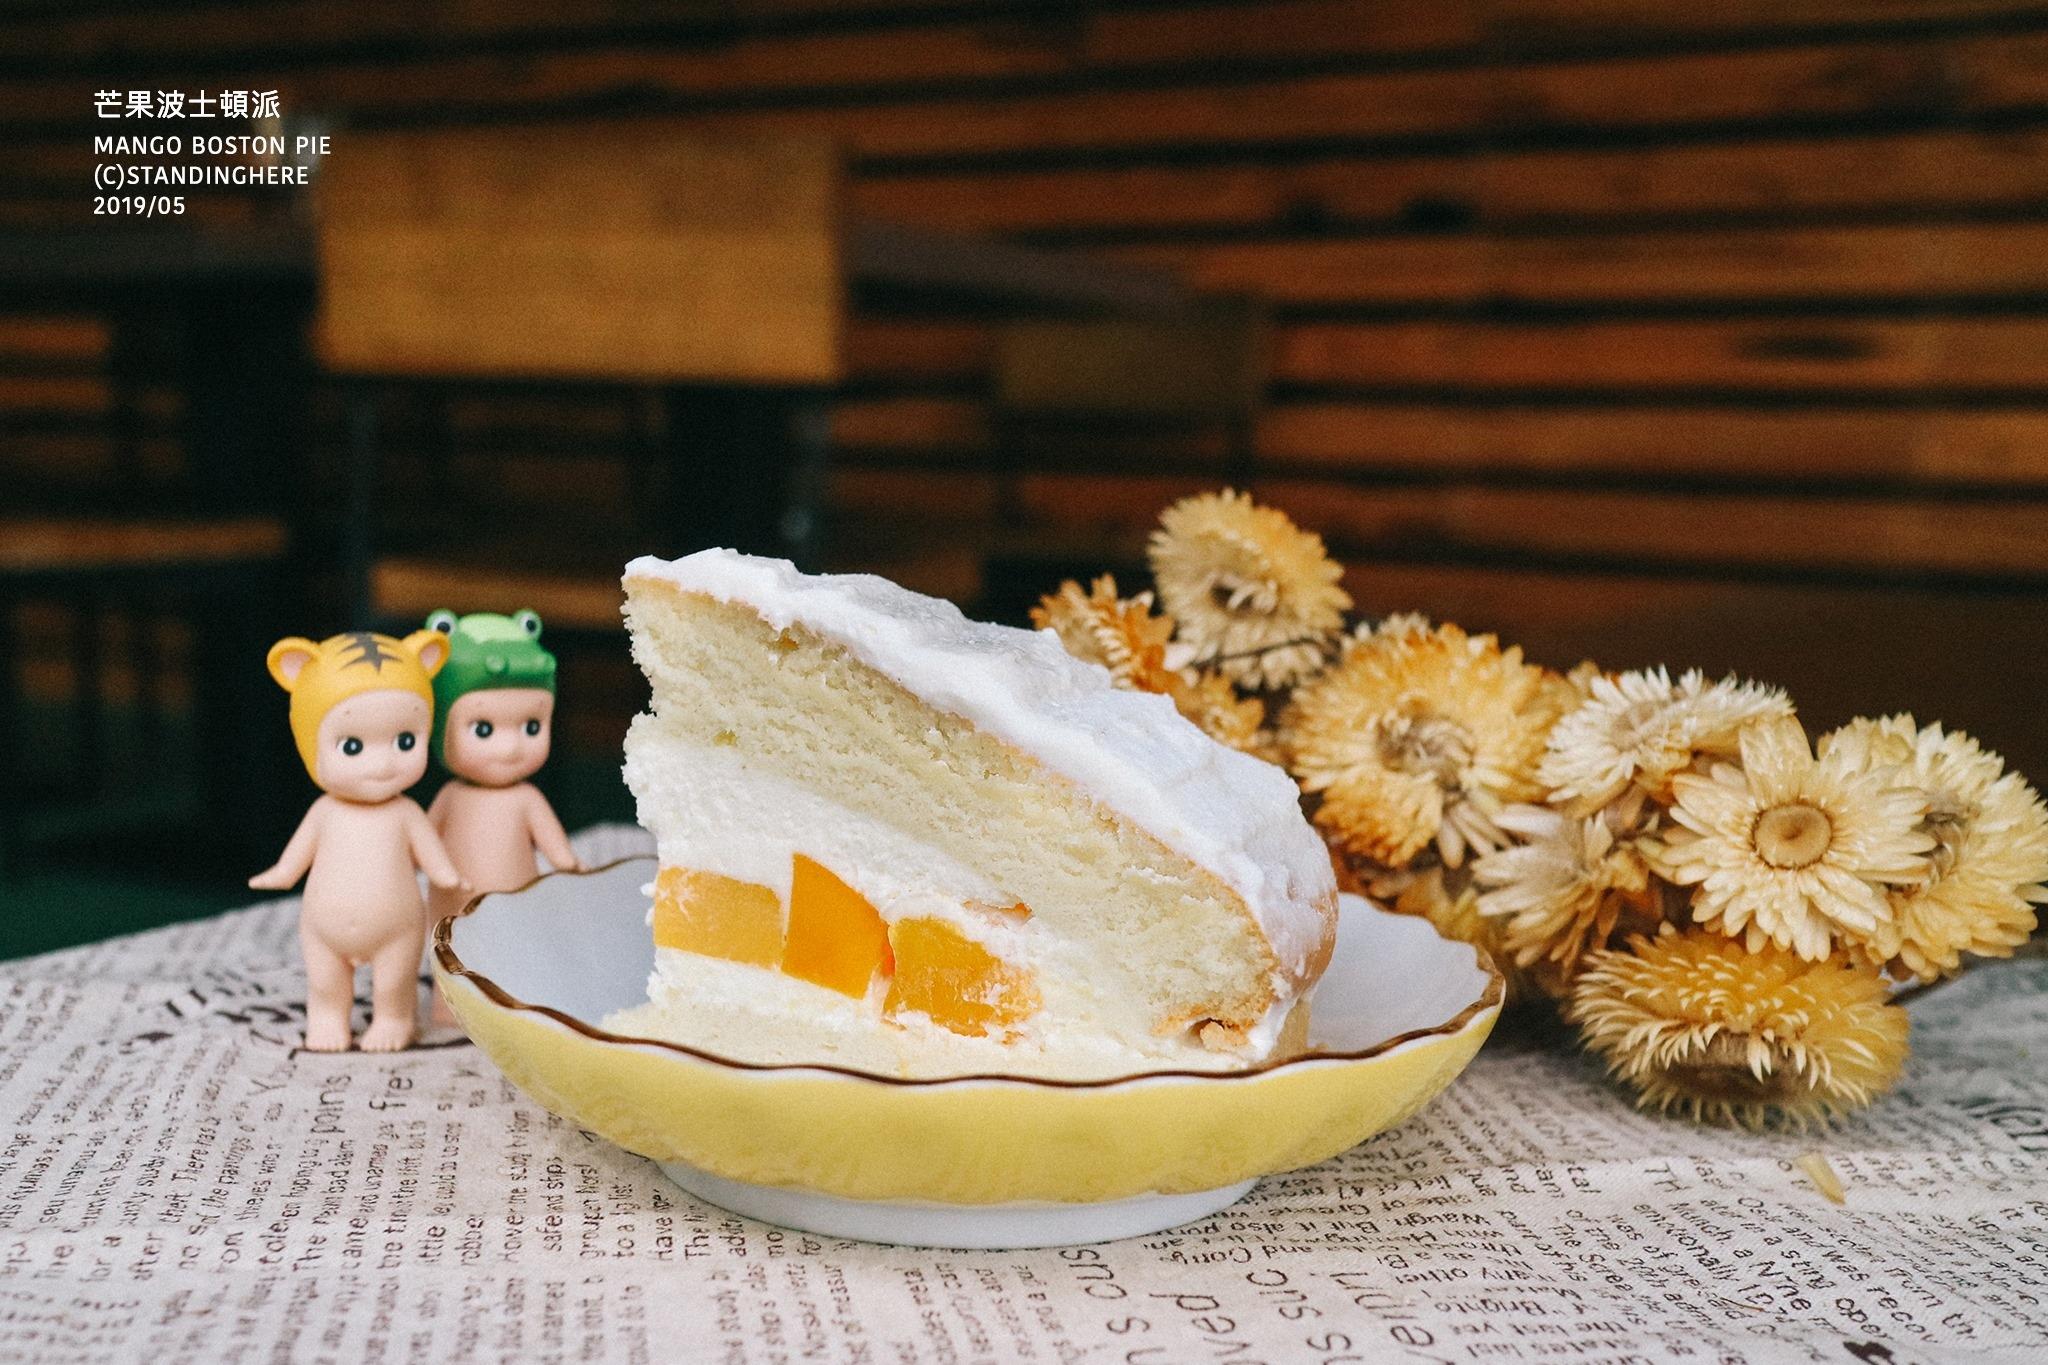 7-cake-芒果波士頓派.jpg